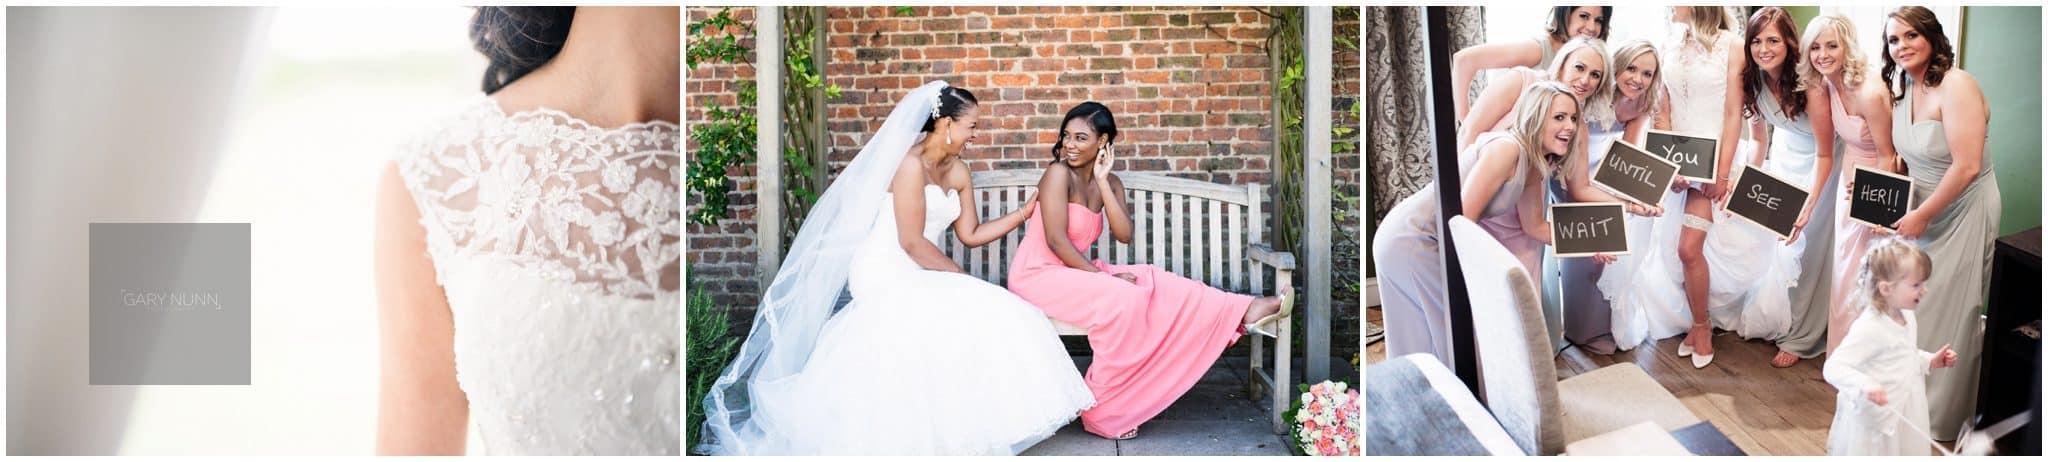 wedding photographer milton keynes, wedding photographer aylesbury, wedding photographer Leighton buzzard